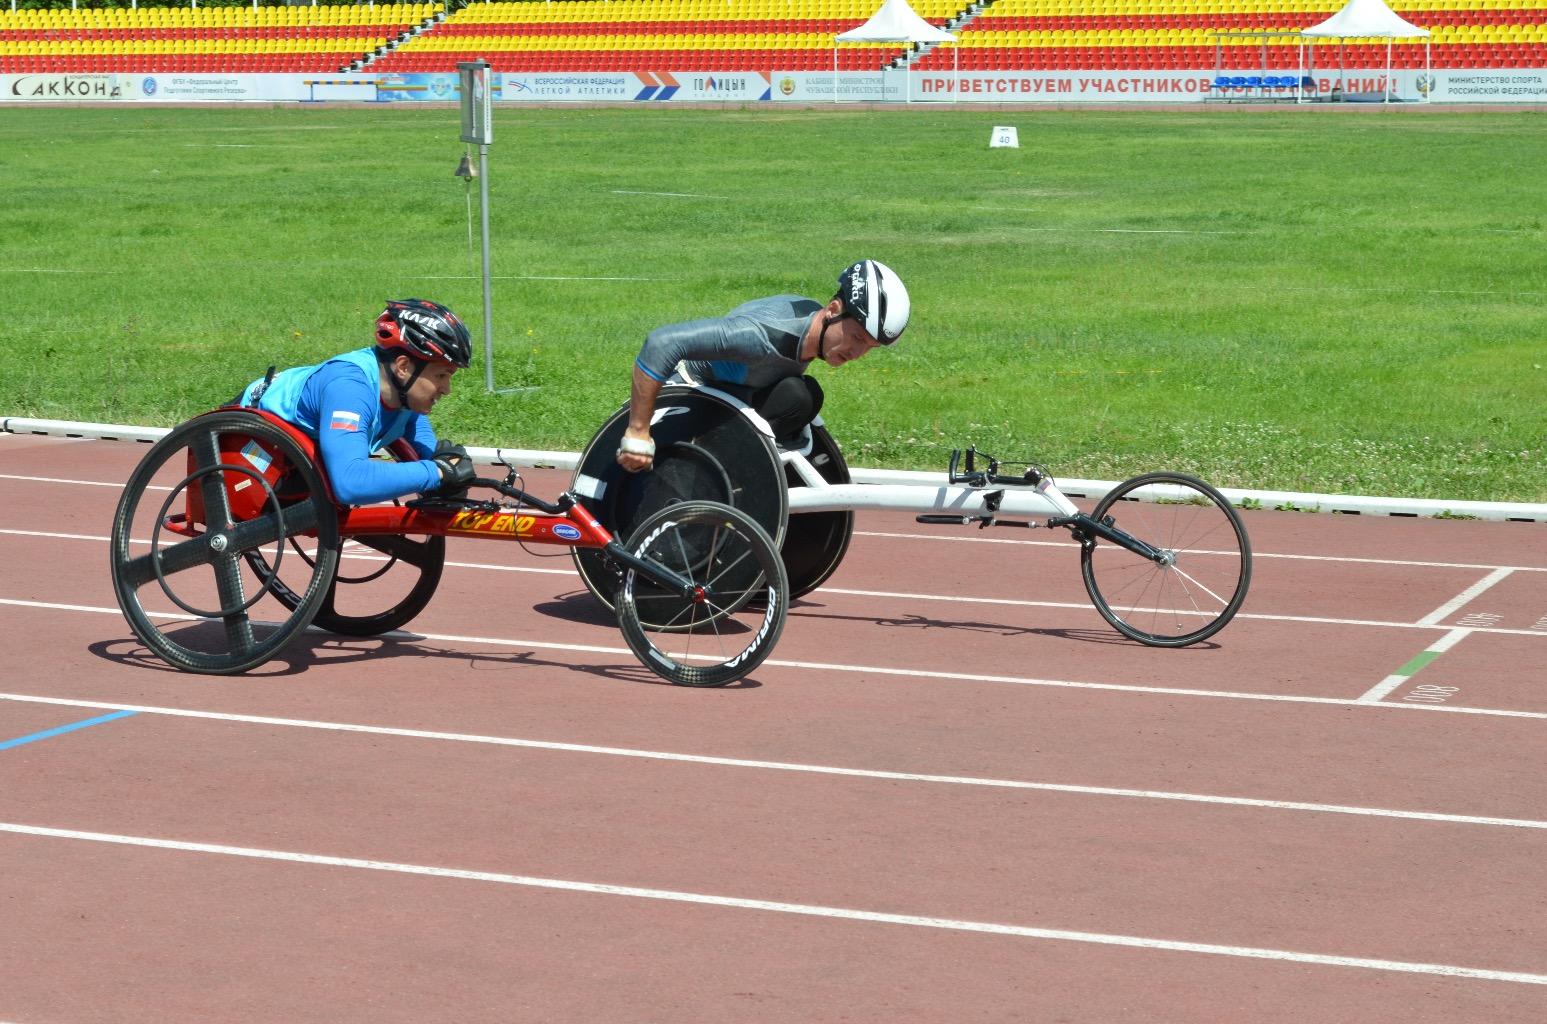 В г. Чебоксарах (Чувашская Республика) стартовал чемпионат России по легкой атлетике спорта лиц с ПОДА